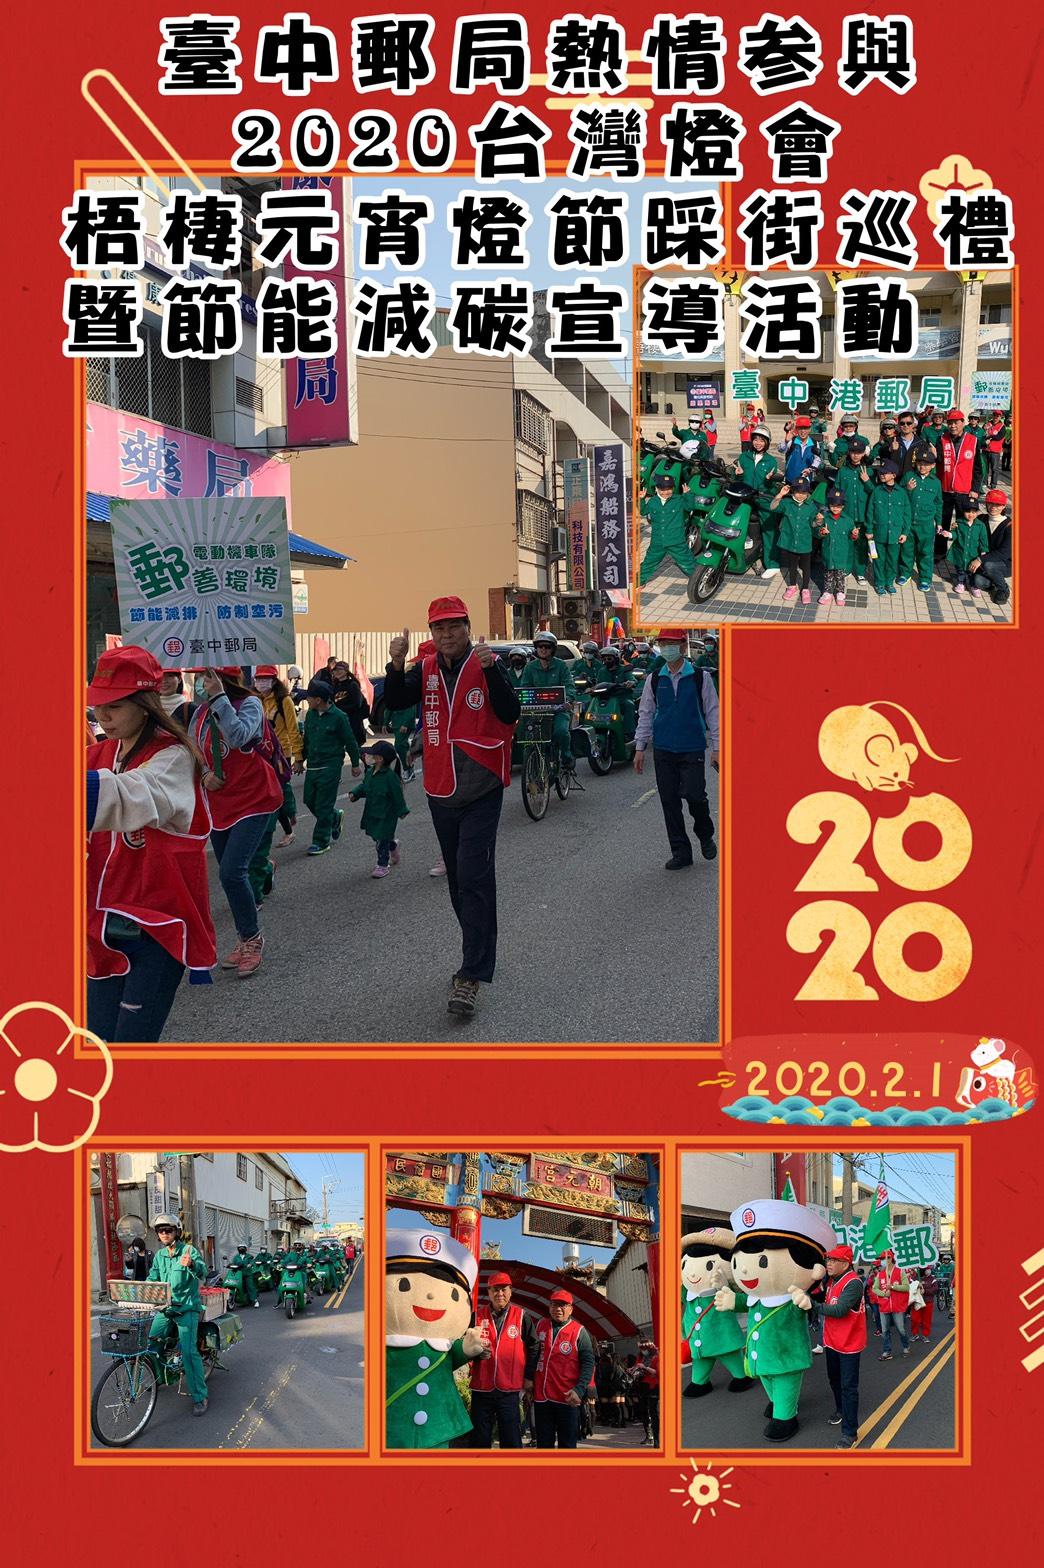 臺中郵局「郵」善環境 關愛社區踩街巡禮